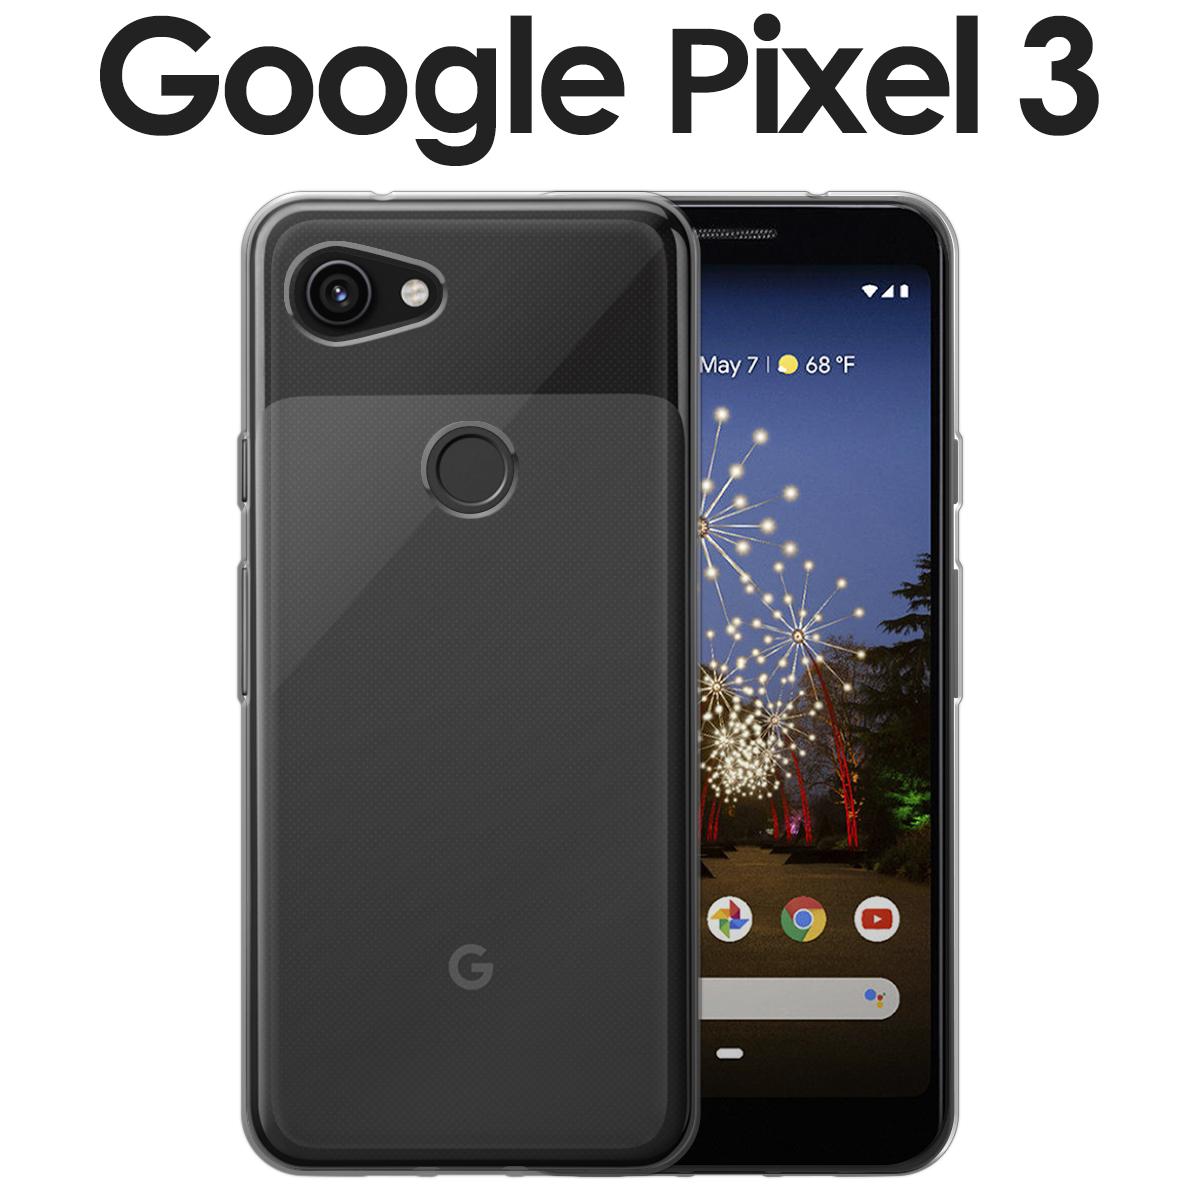 正規認証品 新規格 TPU クリアケース Pixel 3 ネコポス対応 pixel3-tpu 1 M便 推奨